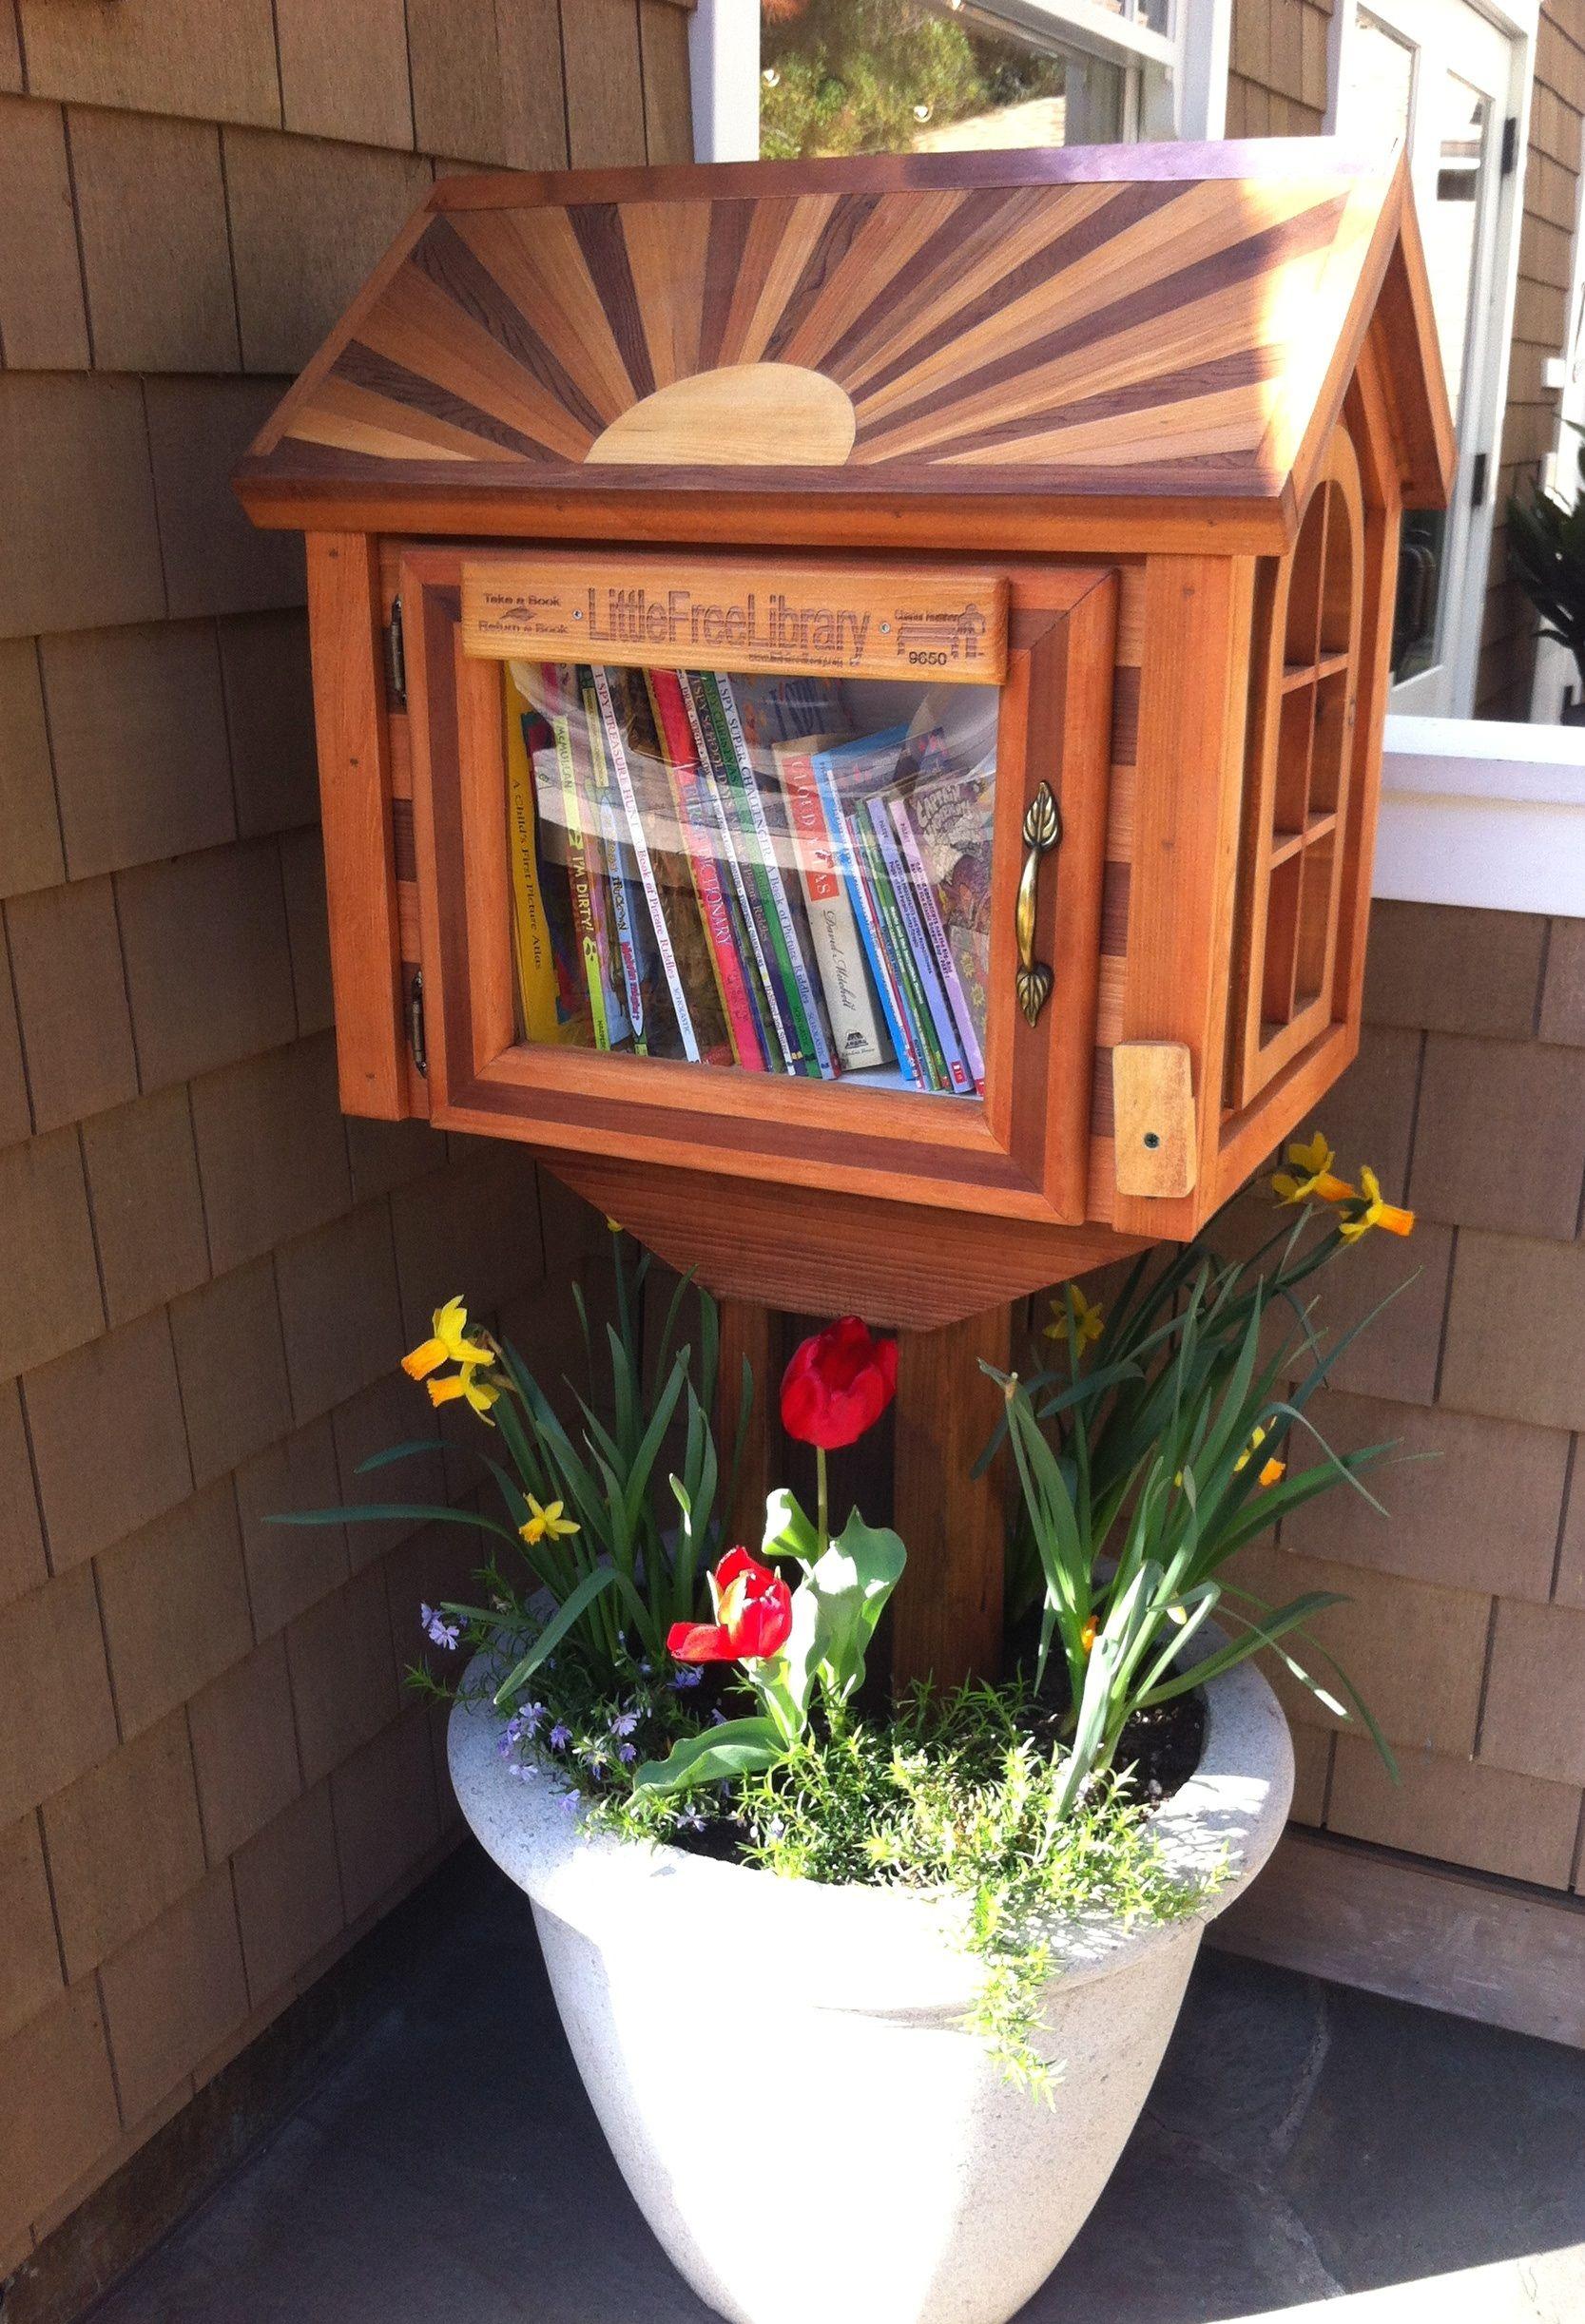 Cedar Sunrise Library Little Free Library Little Free